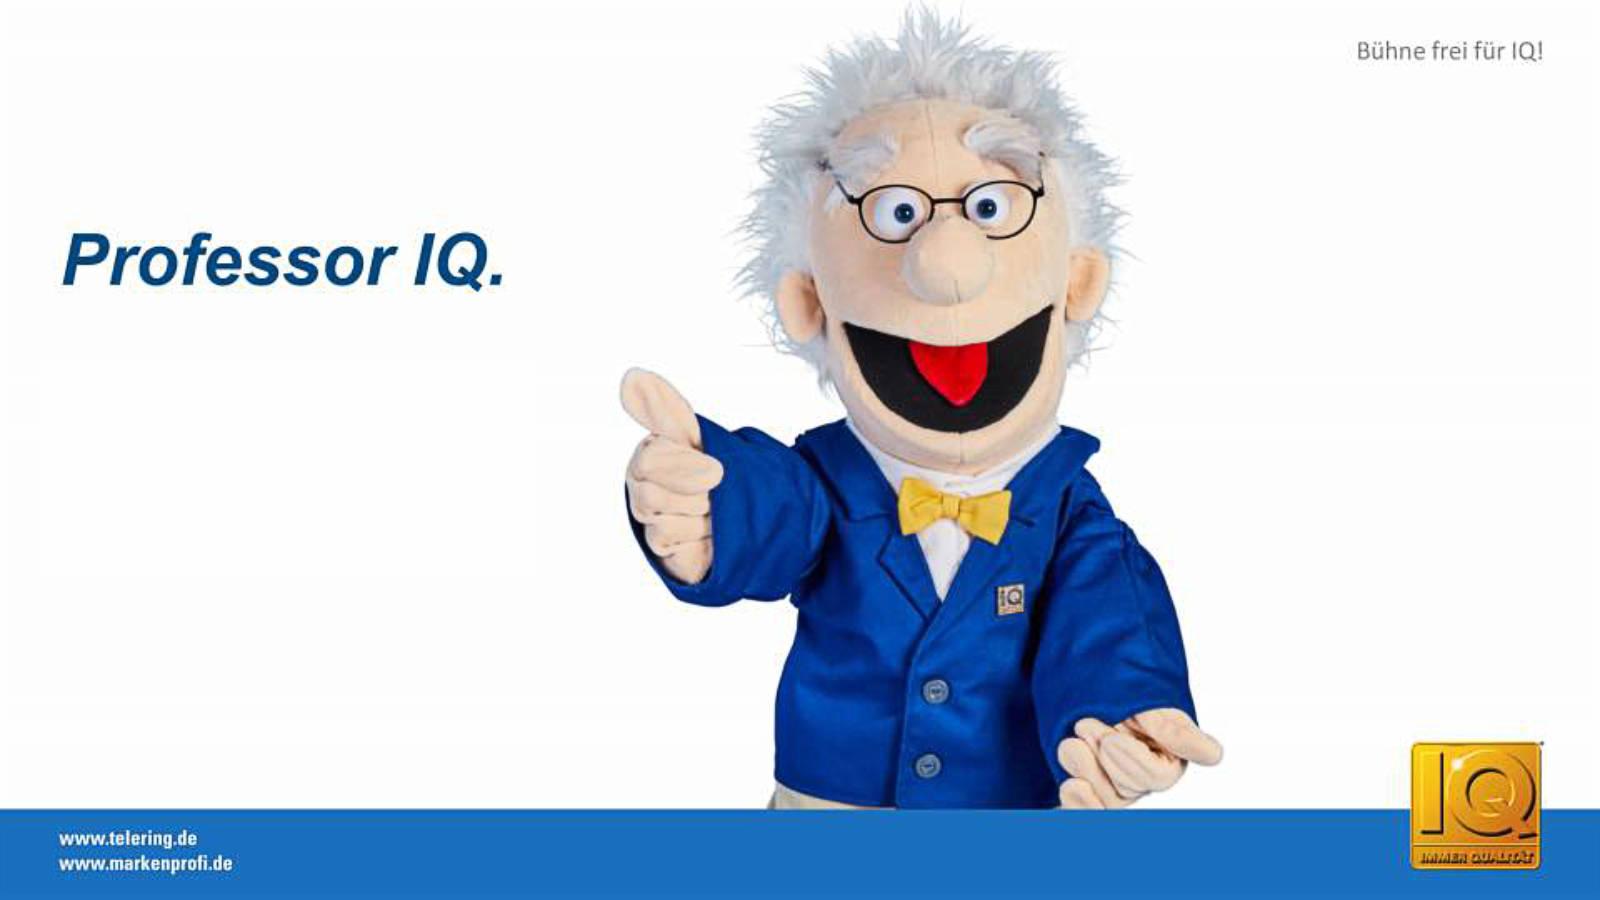 Der nimmermüde telering-Qualitätsbotschafter Professor IQ ist auch 2020 für den stationären Fachhandel engagiert im Einsatz.